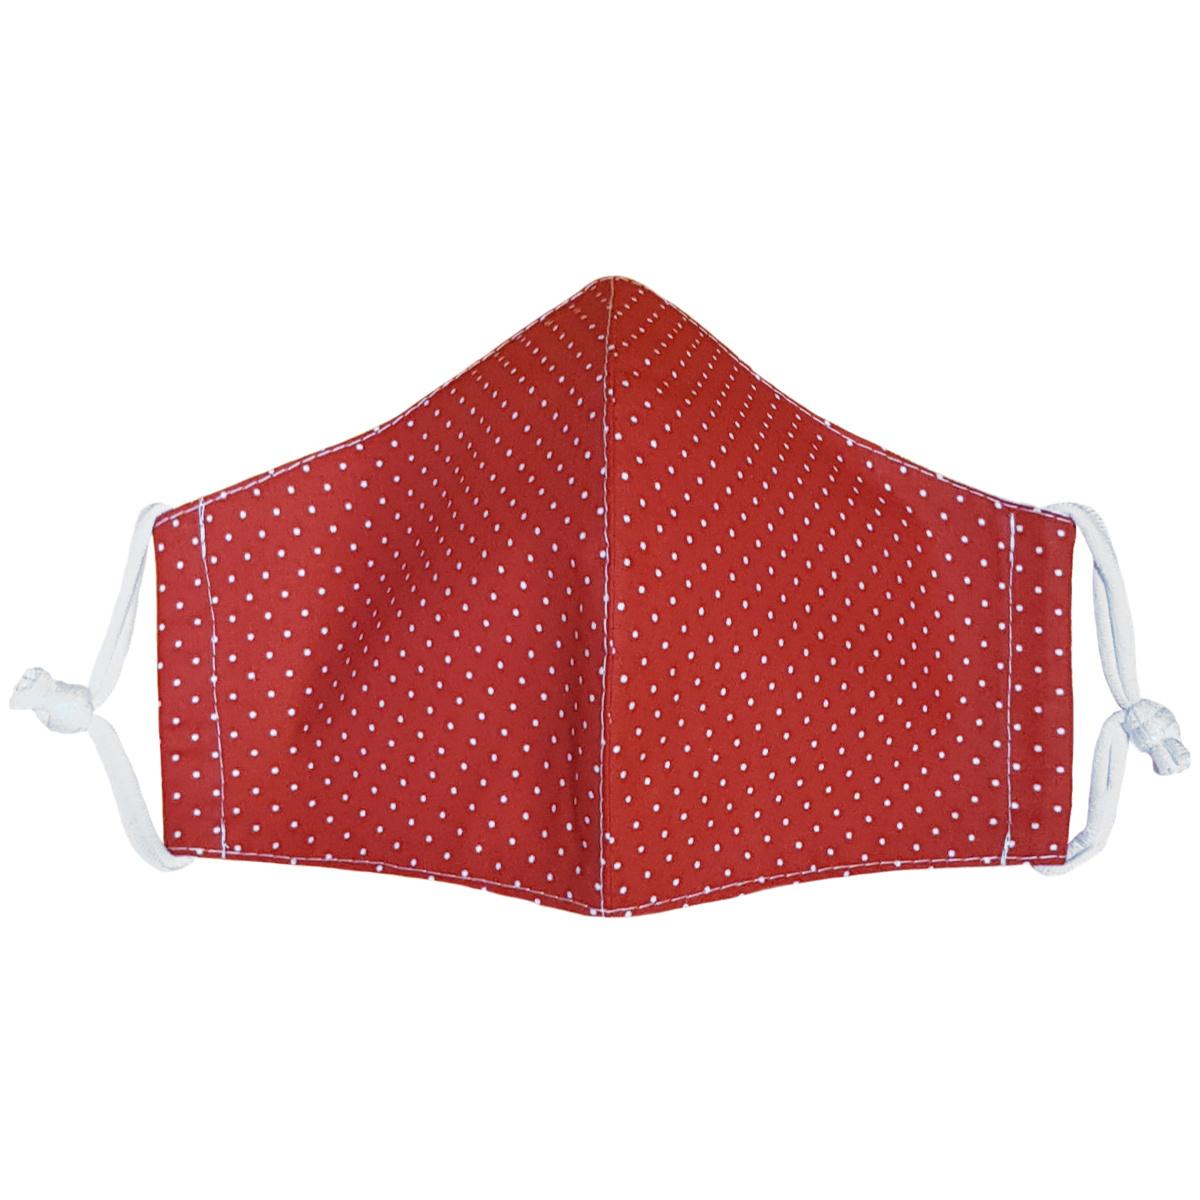 Ústne bavlnené rúško Bodka mini červená - deti 3 - 6 rokov, XS (3 - 6 rokov)